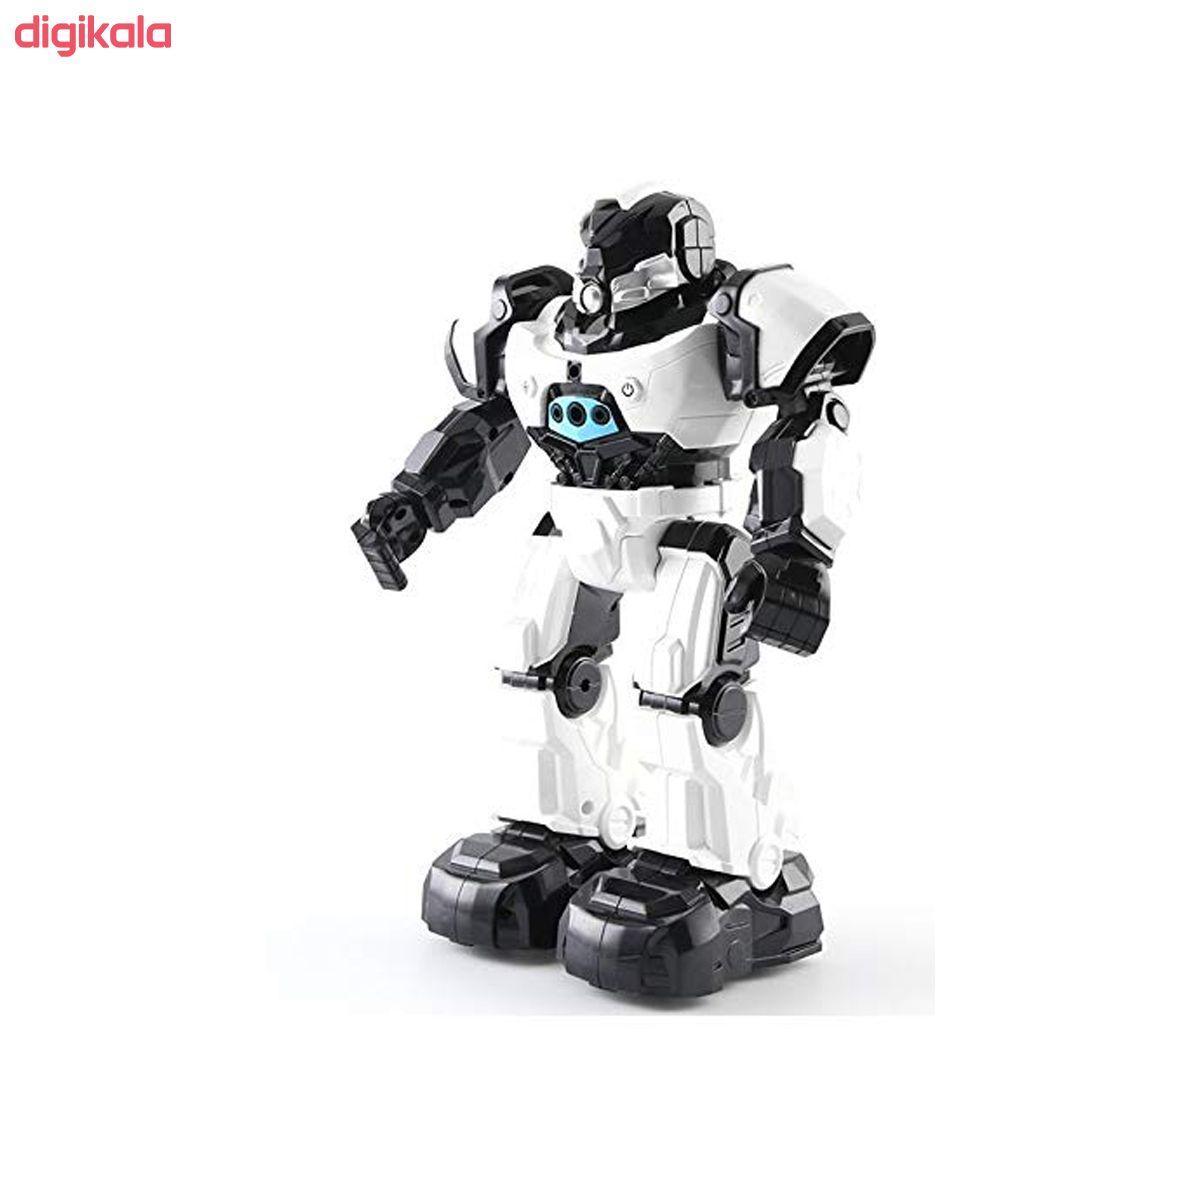 اسباب بازی مدل ربات کد 2021 main 1 1